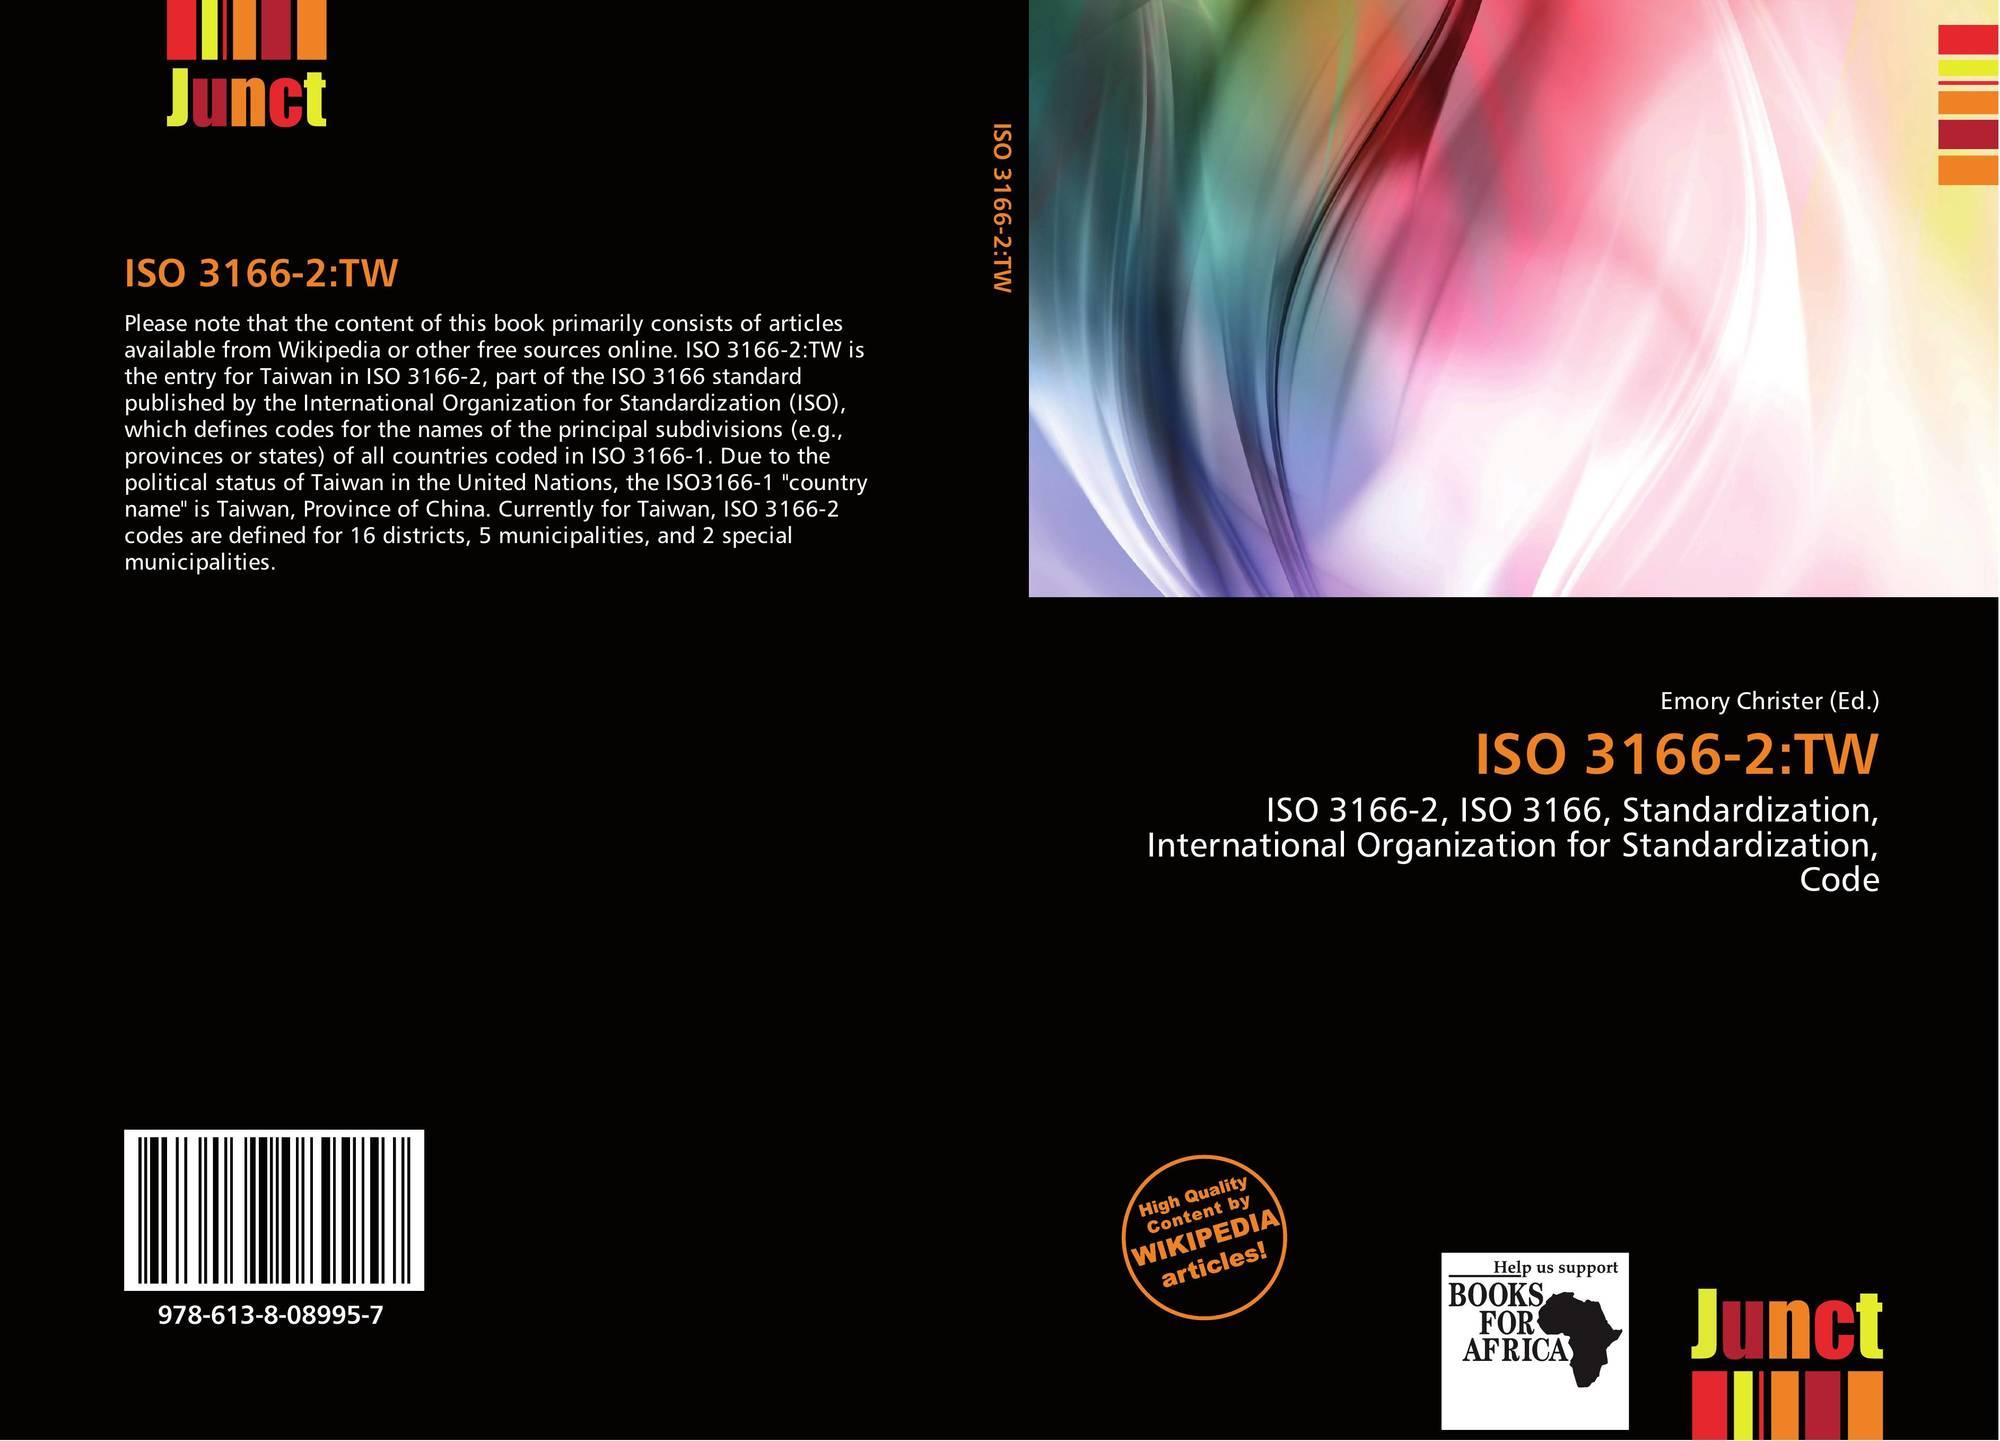 ISO 3166-2:TW, 978-613-8-08995-7, 6138089952 ,9786138089957